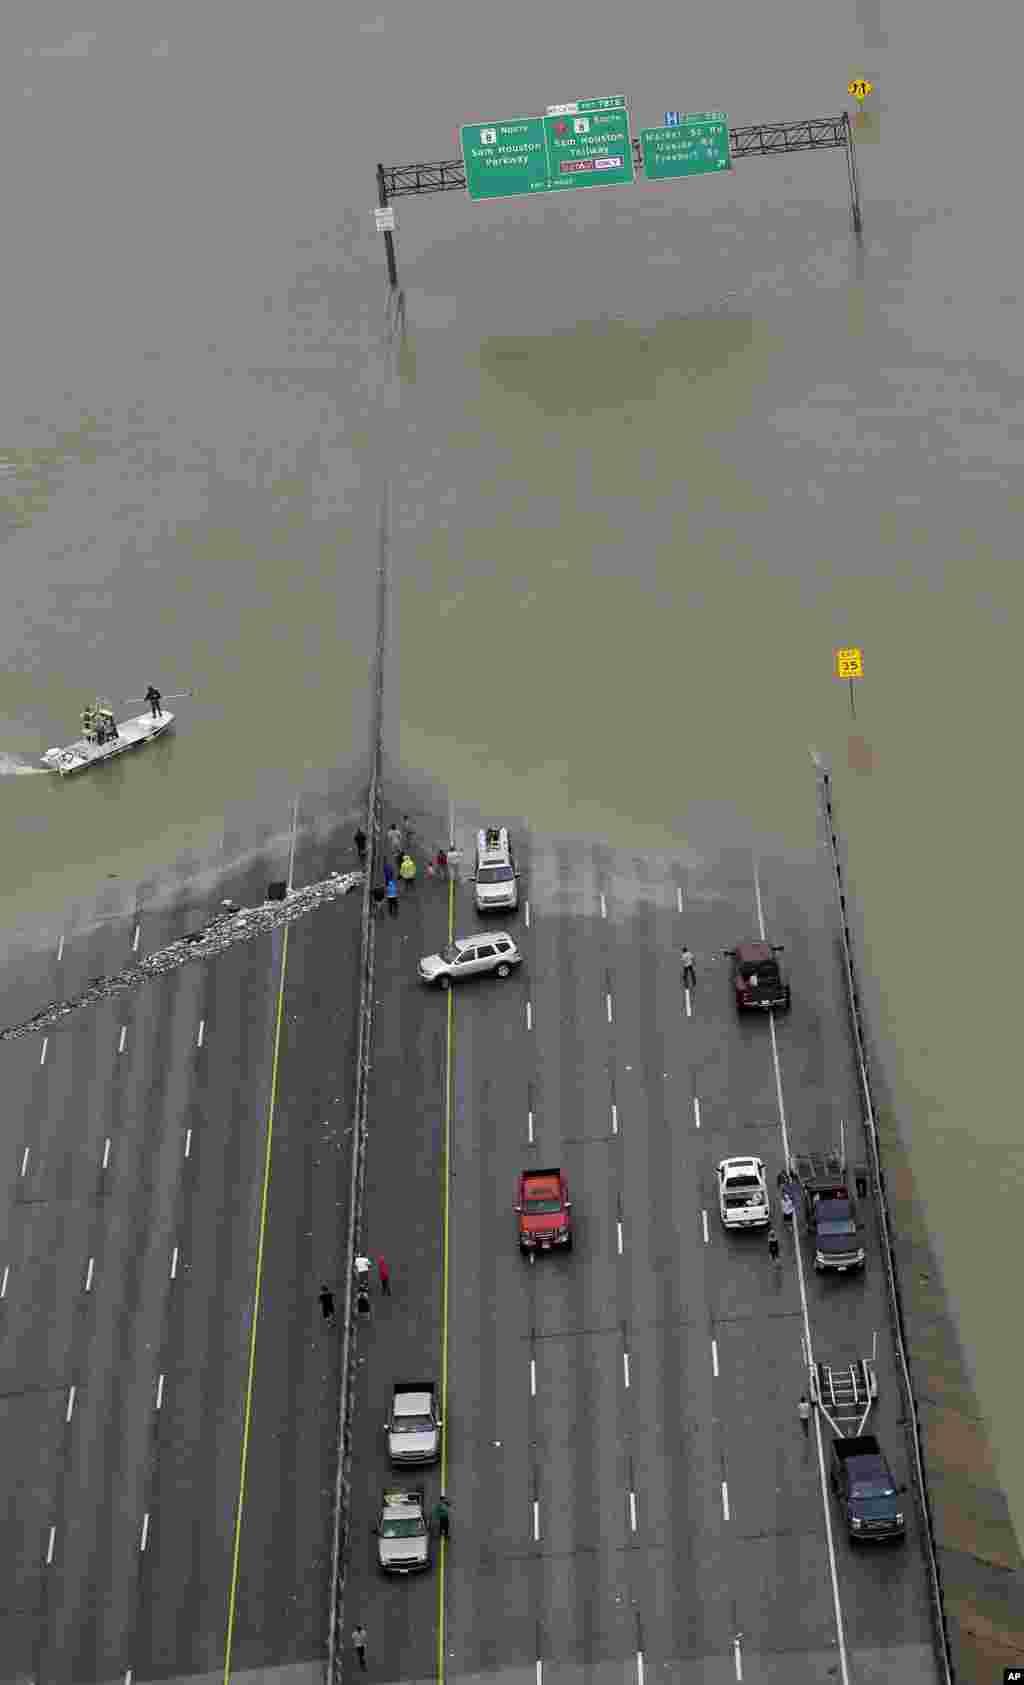 نمایی از بزرگراه شماره ۱۰ که بر اثر آب گرفتگی و سیل ناشی از توفان هاروی در هیوستون بسته شده است.